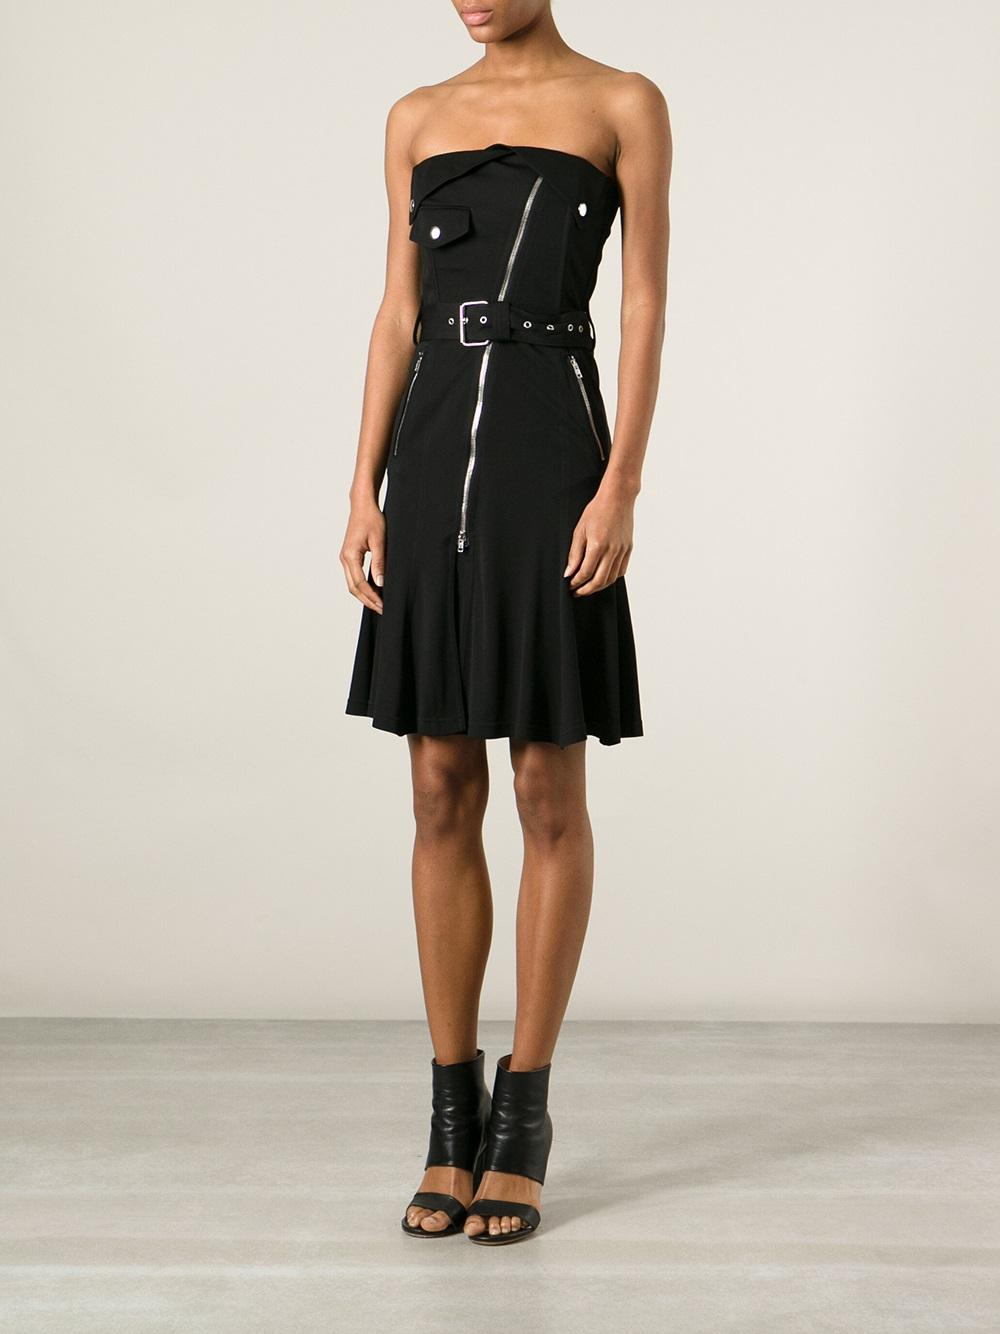 Lyst Jean Paul Gaultier Strapless Biker Dress In Black